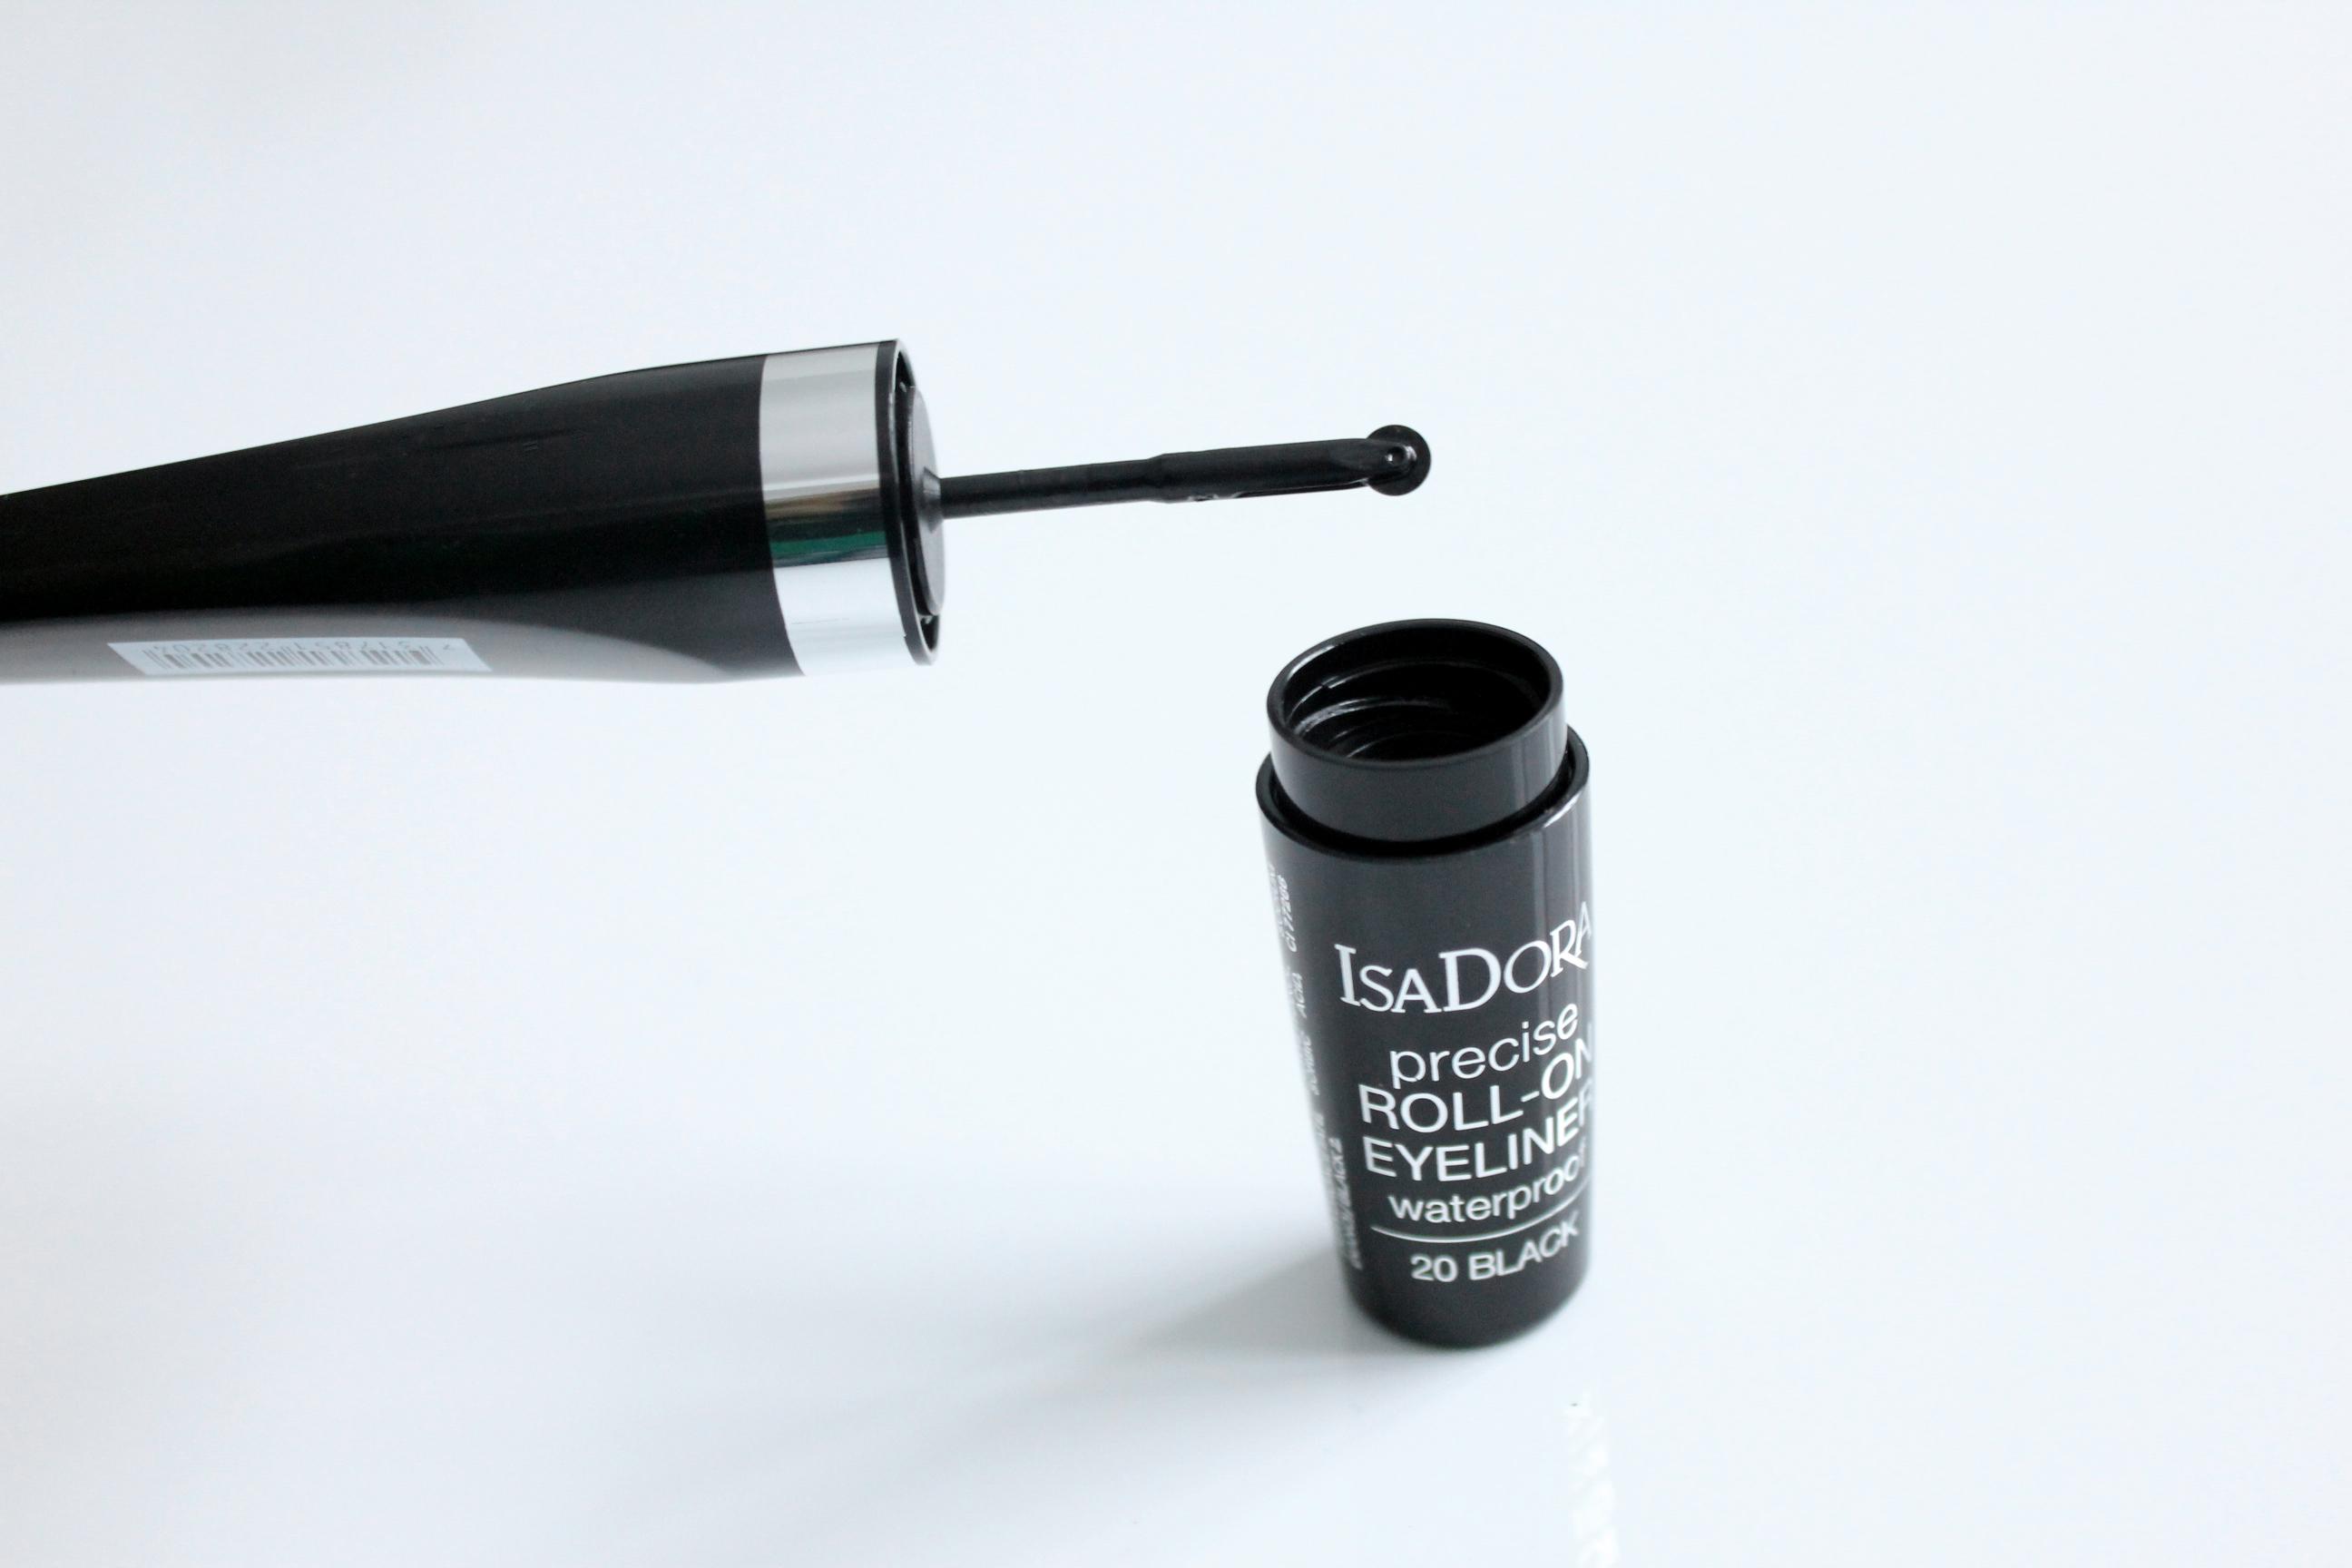 Isadora Precise Roll-On Eyeliner Waterproof